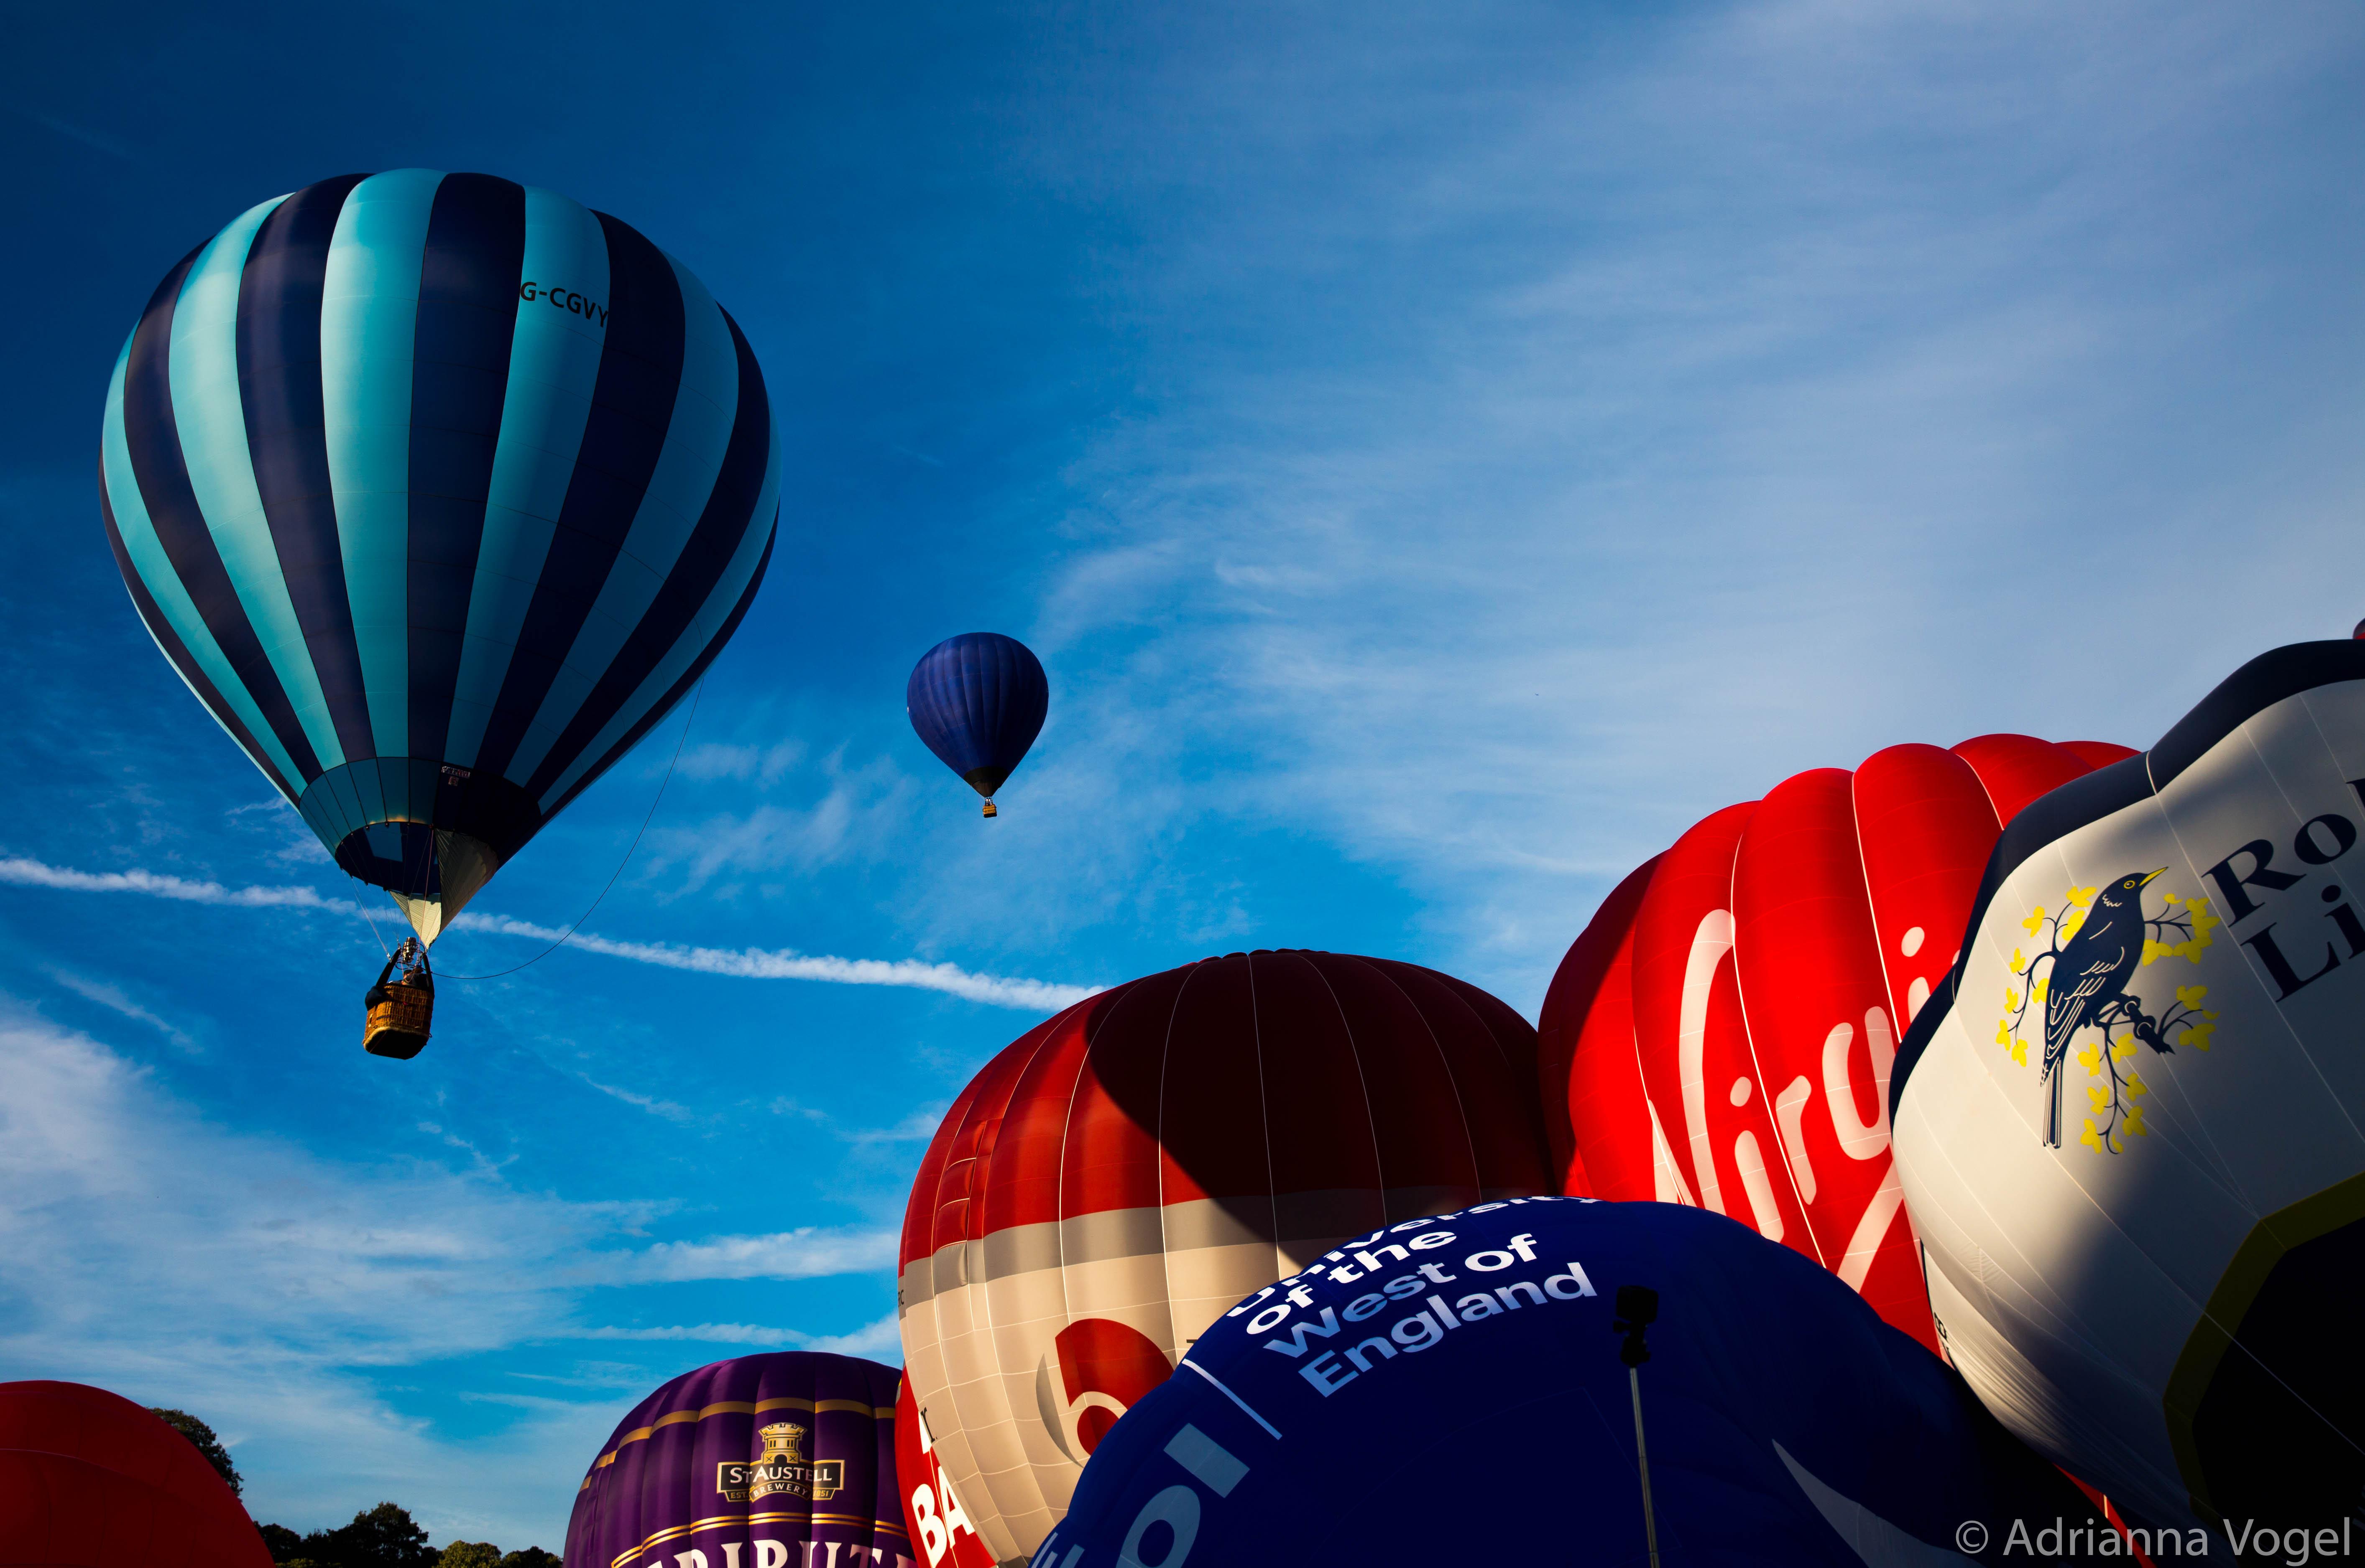 Bristol Ballon Fiesta